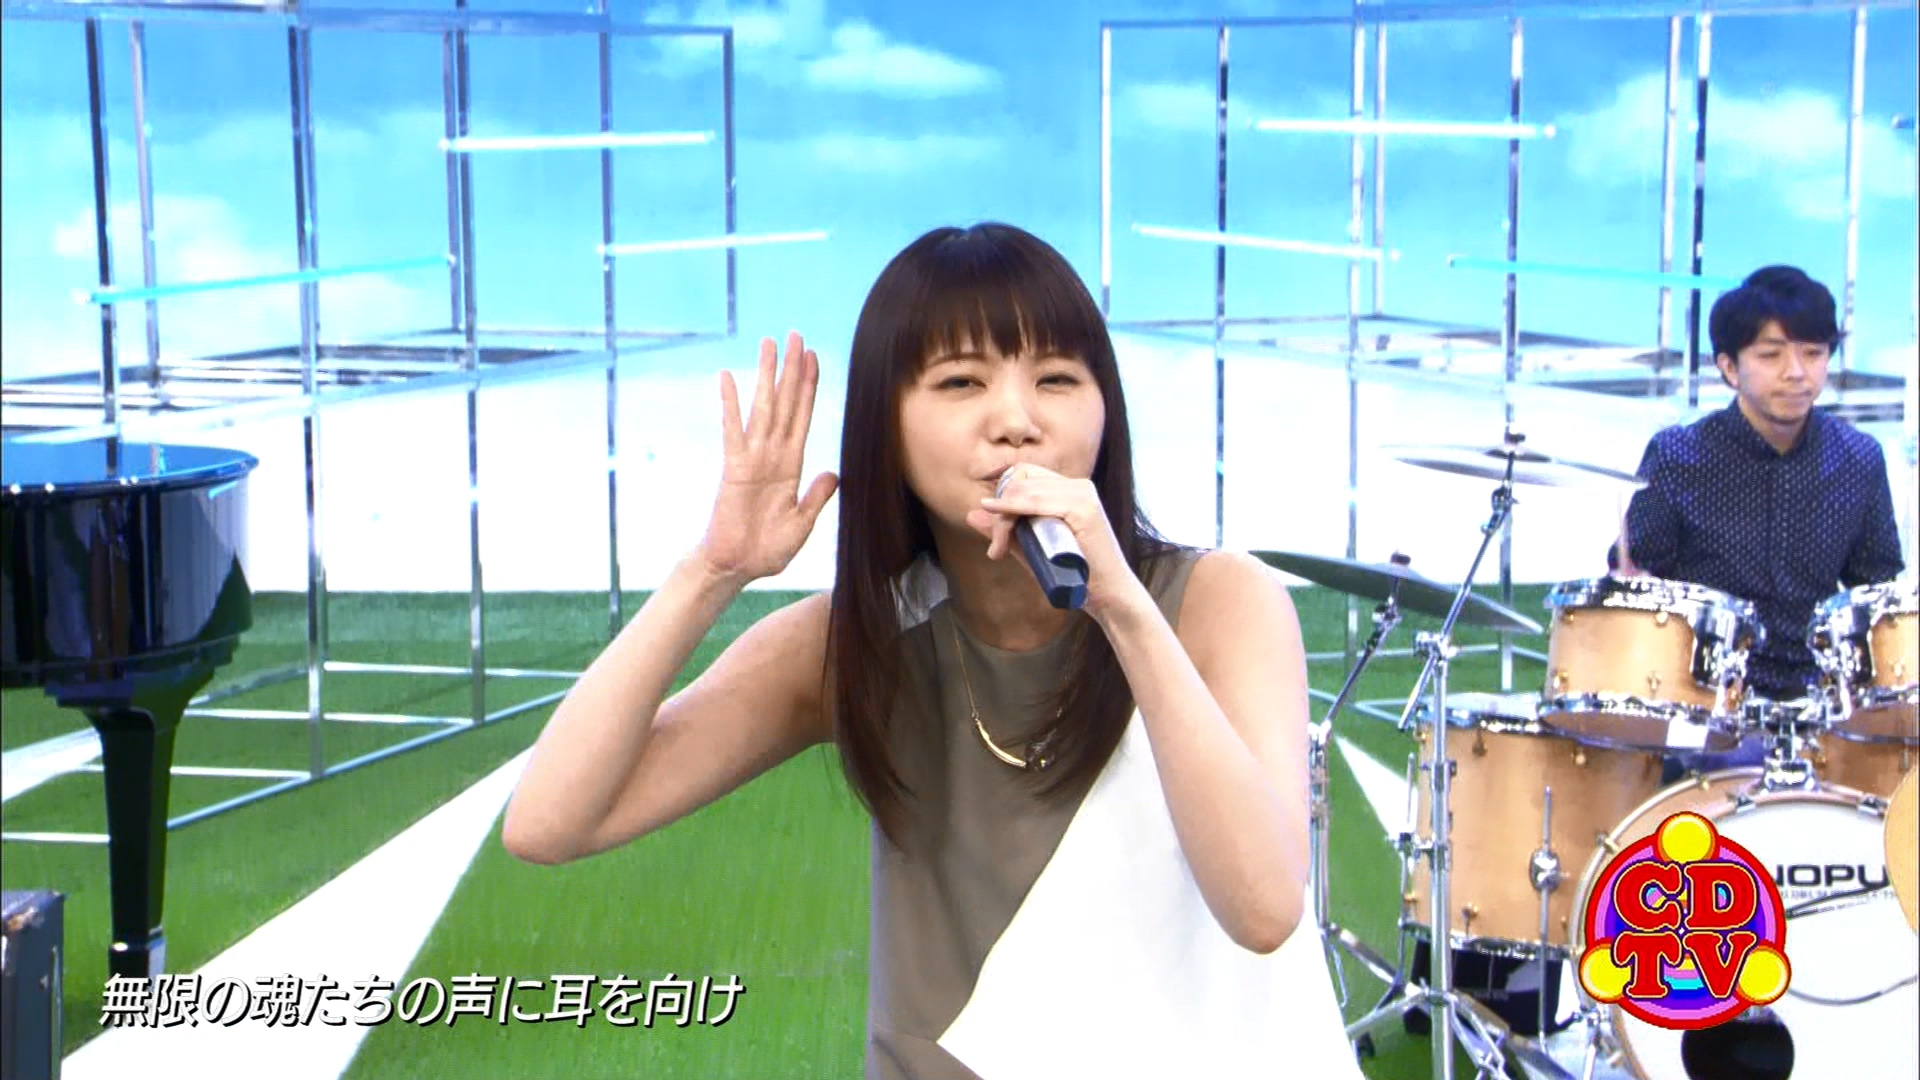 2016.03.19 いきものがかり - 翼(CDTV).ts_20160320_015042.467